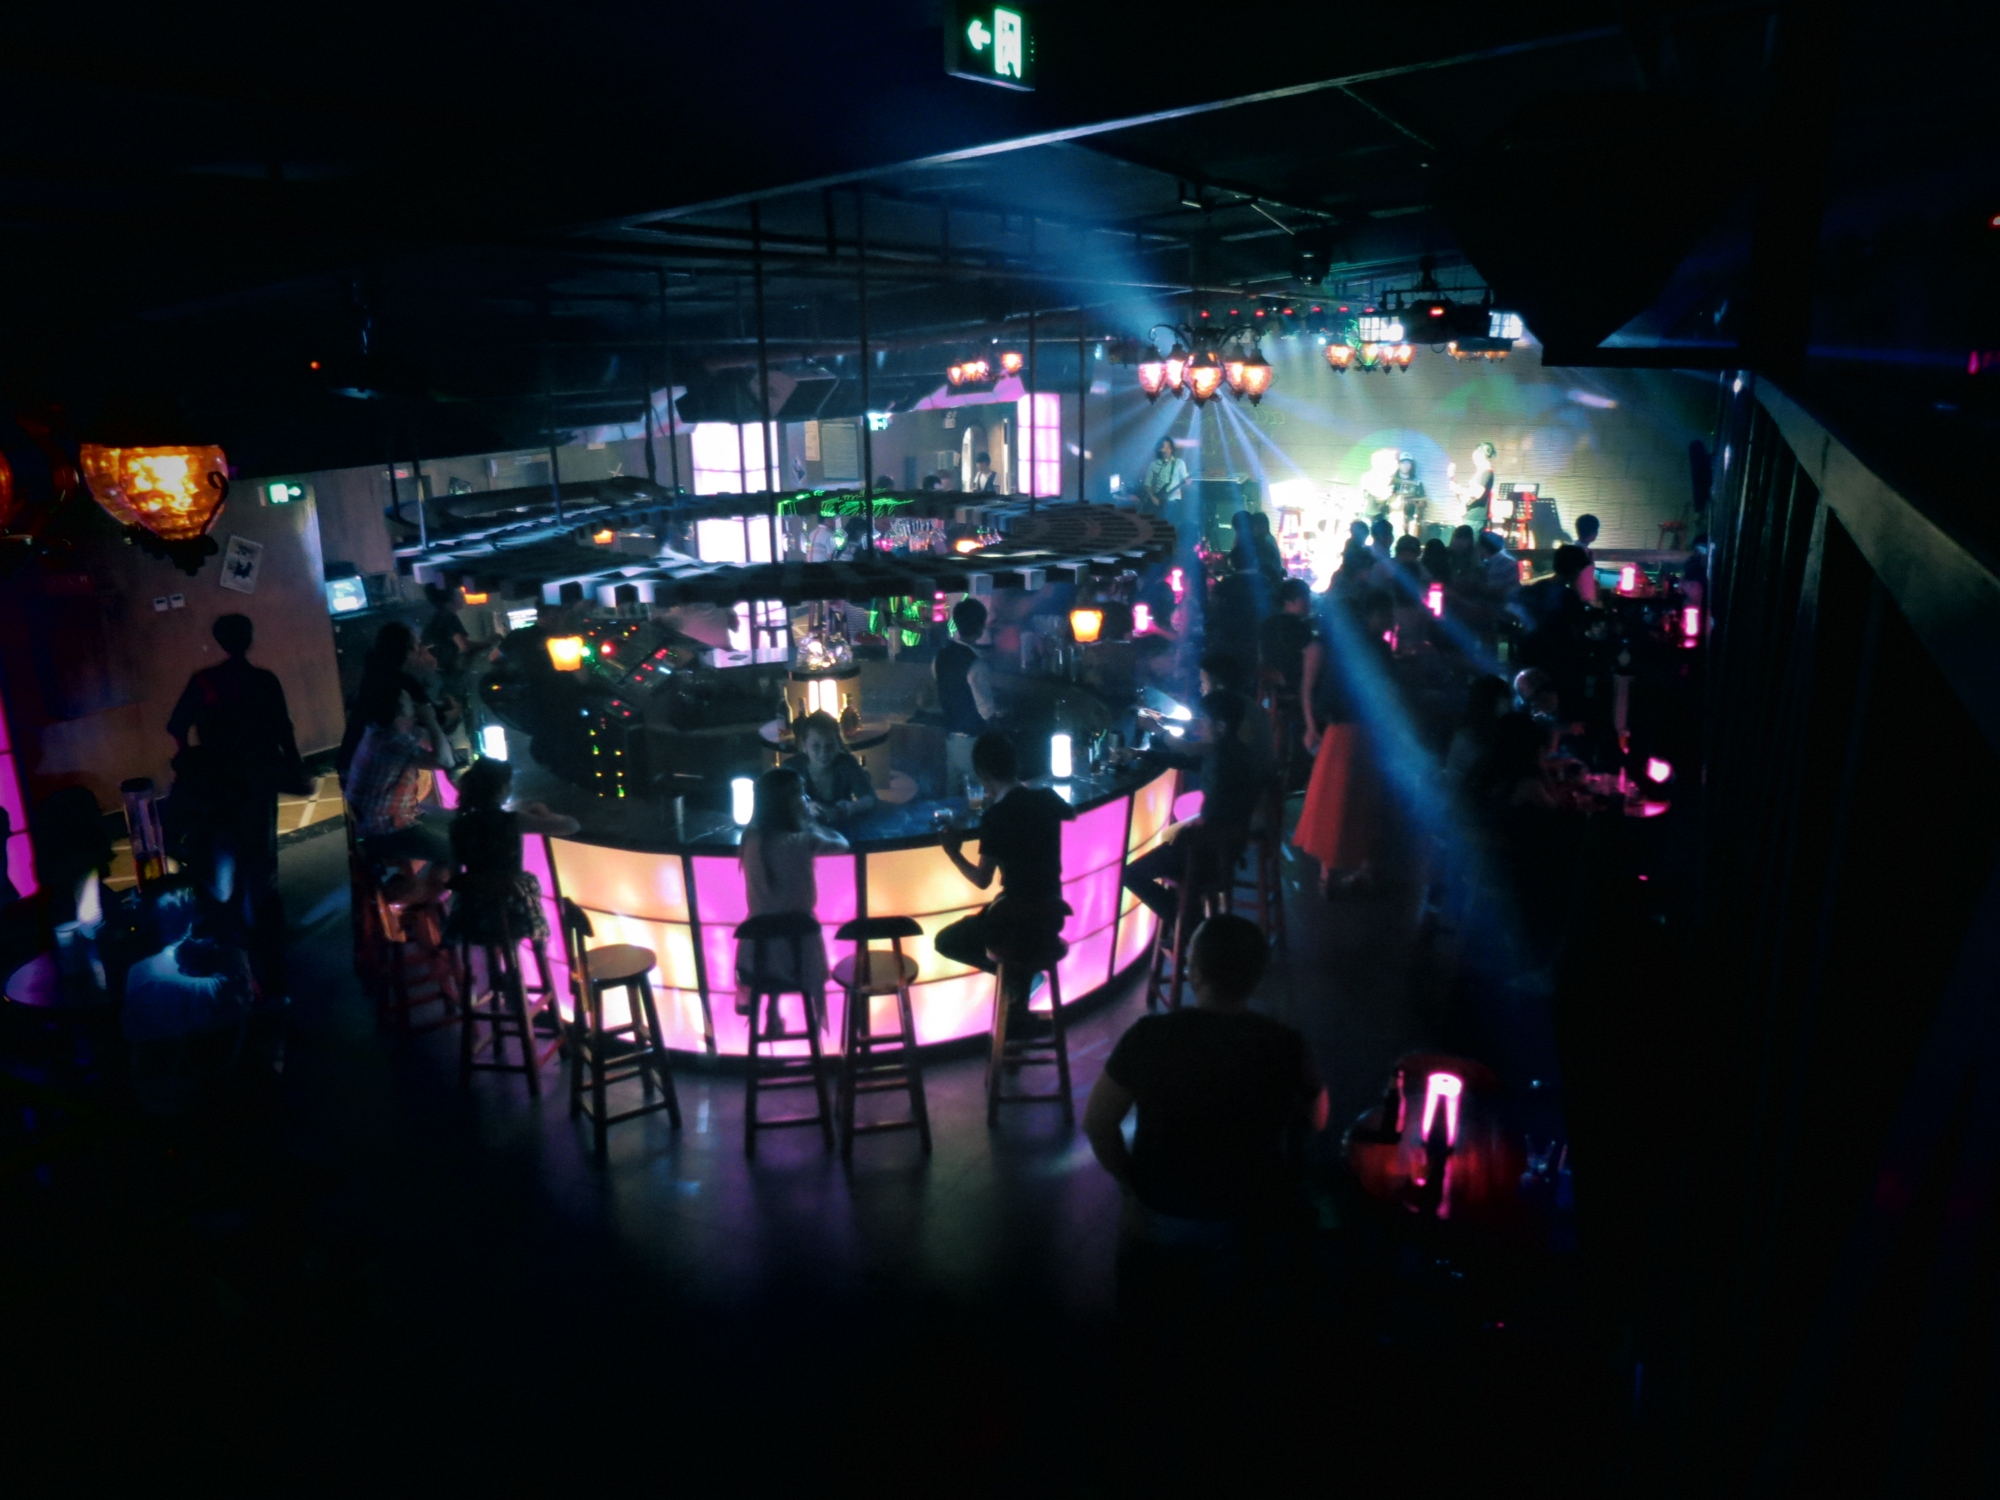 Ночные клубы для трезвого клуб предпринимателей москва отзывы